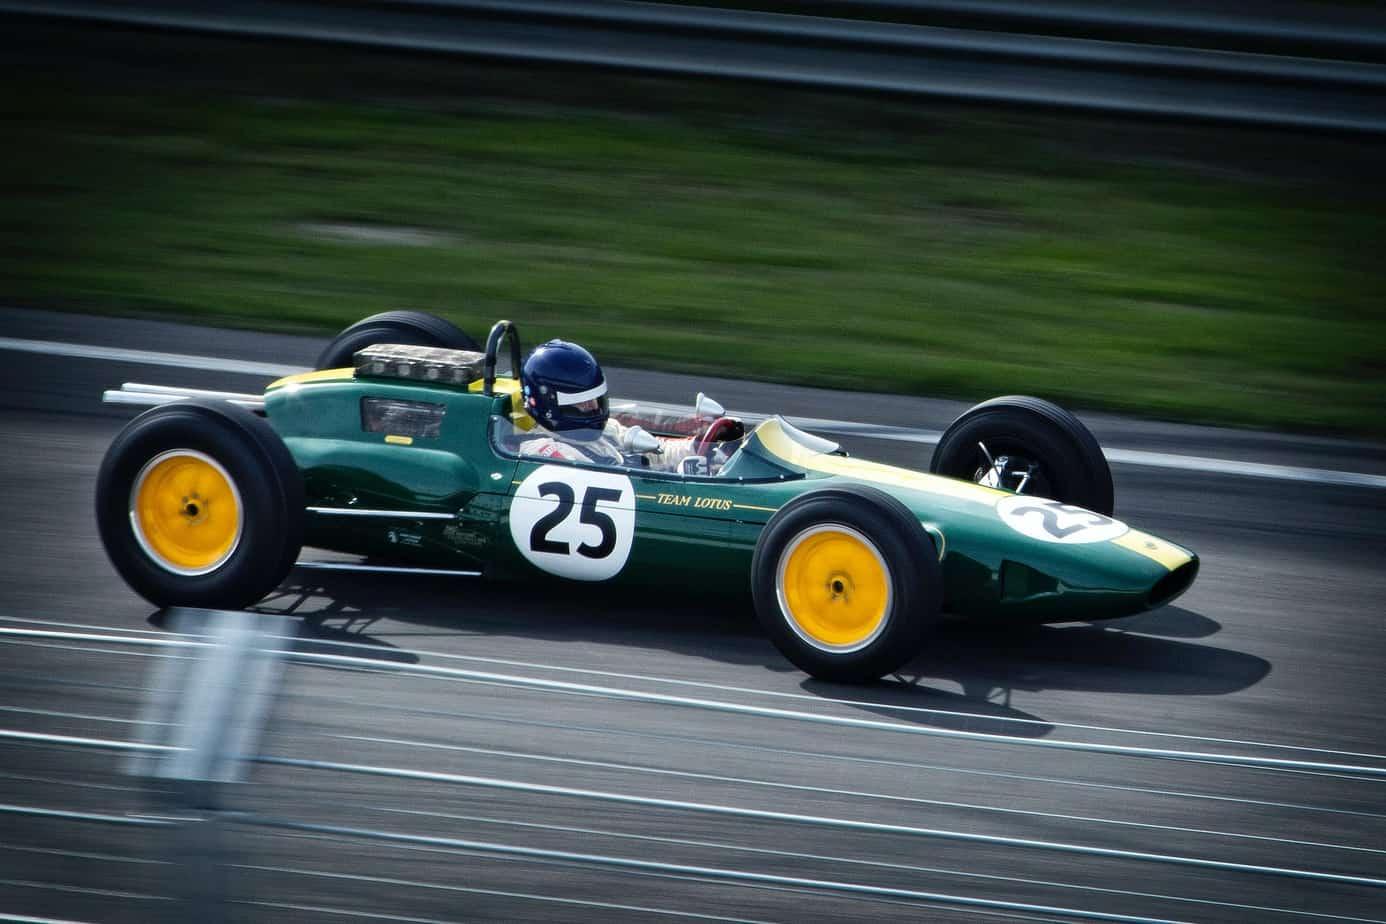 Nieznane, ale ciekawe serie wyścigów samochodowych – zobacz sam!